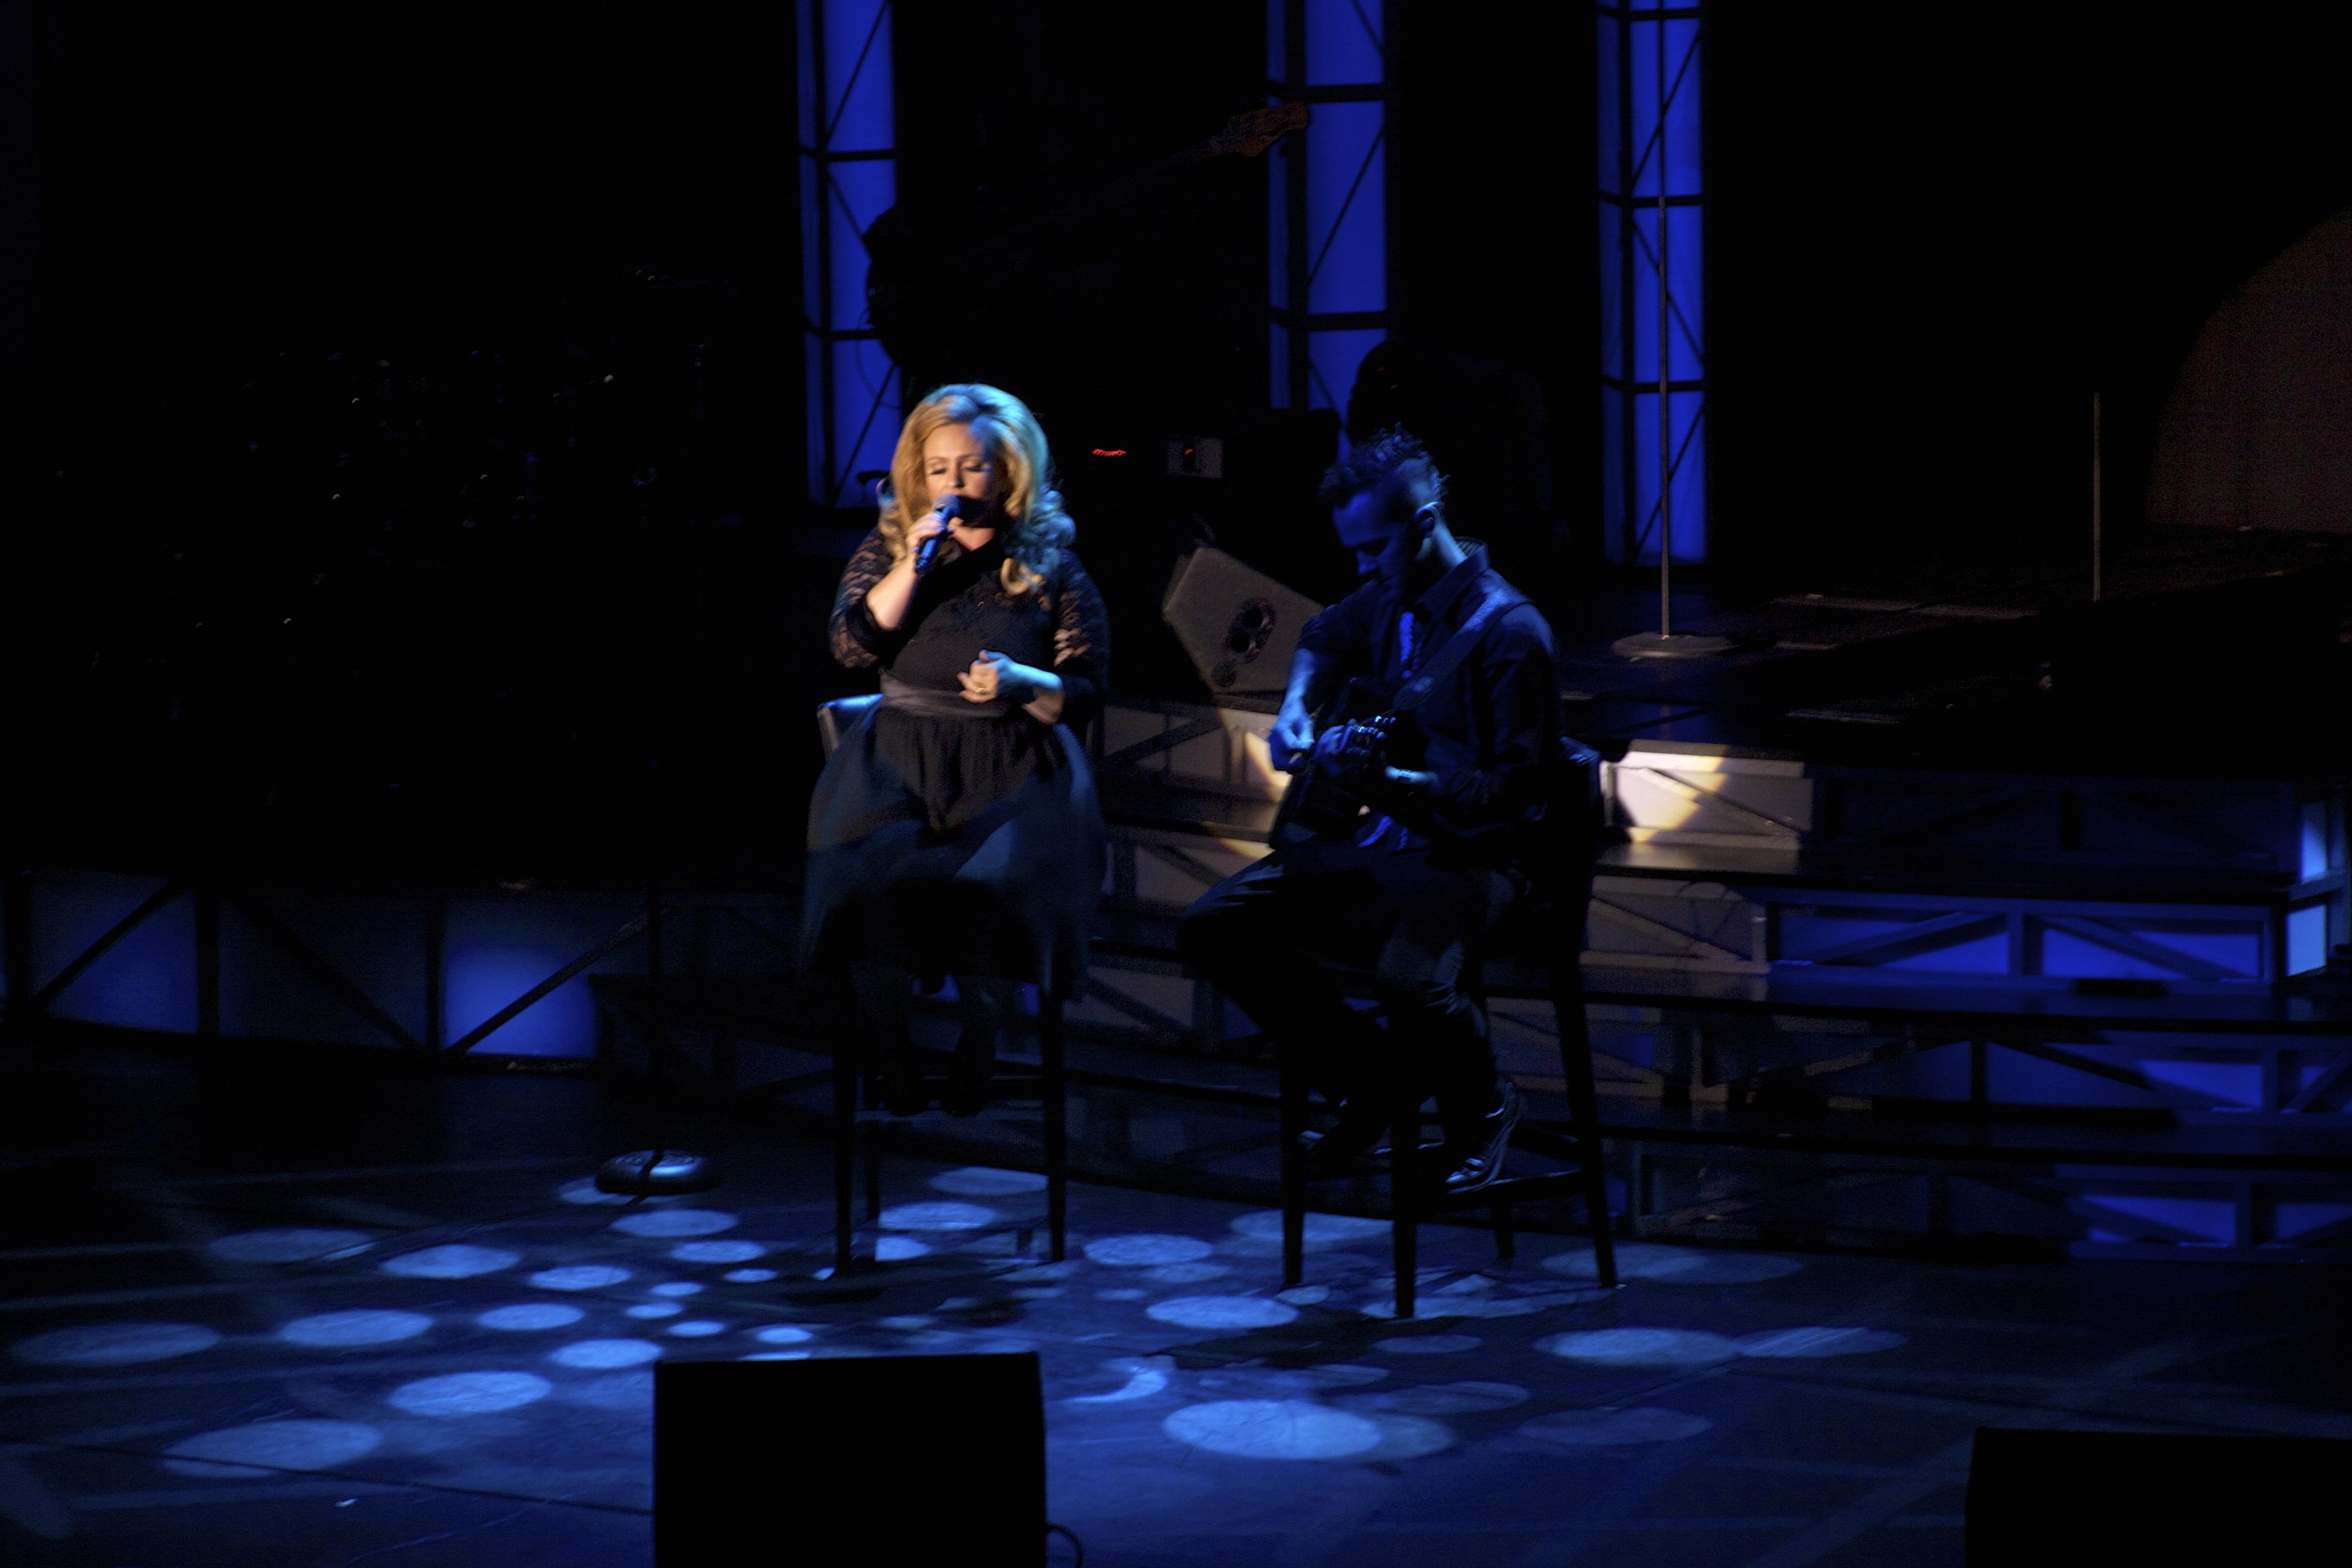 JC Brando as Adele live stage 3